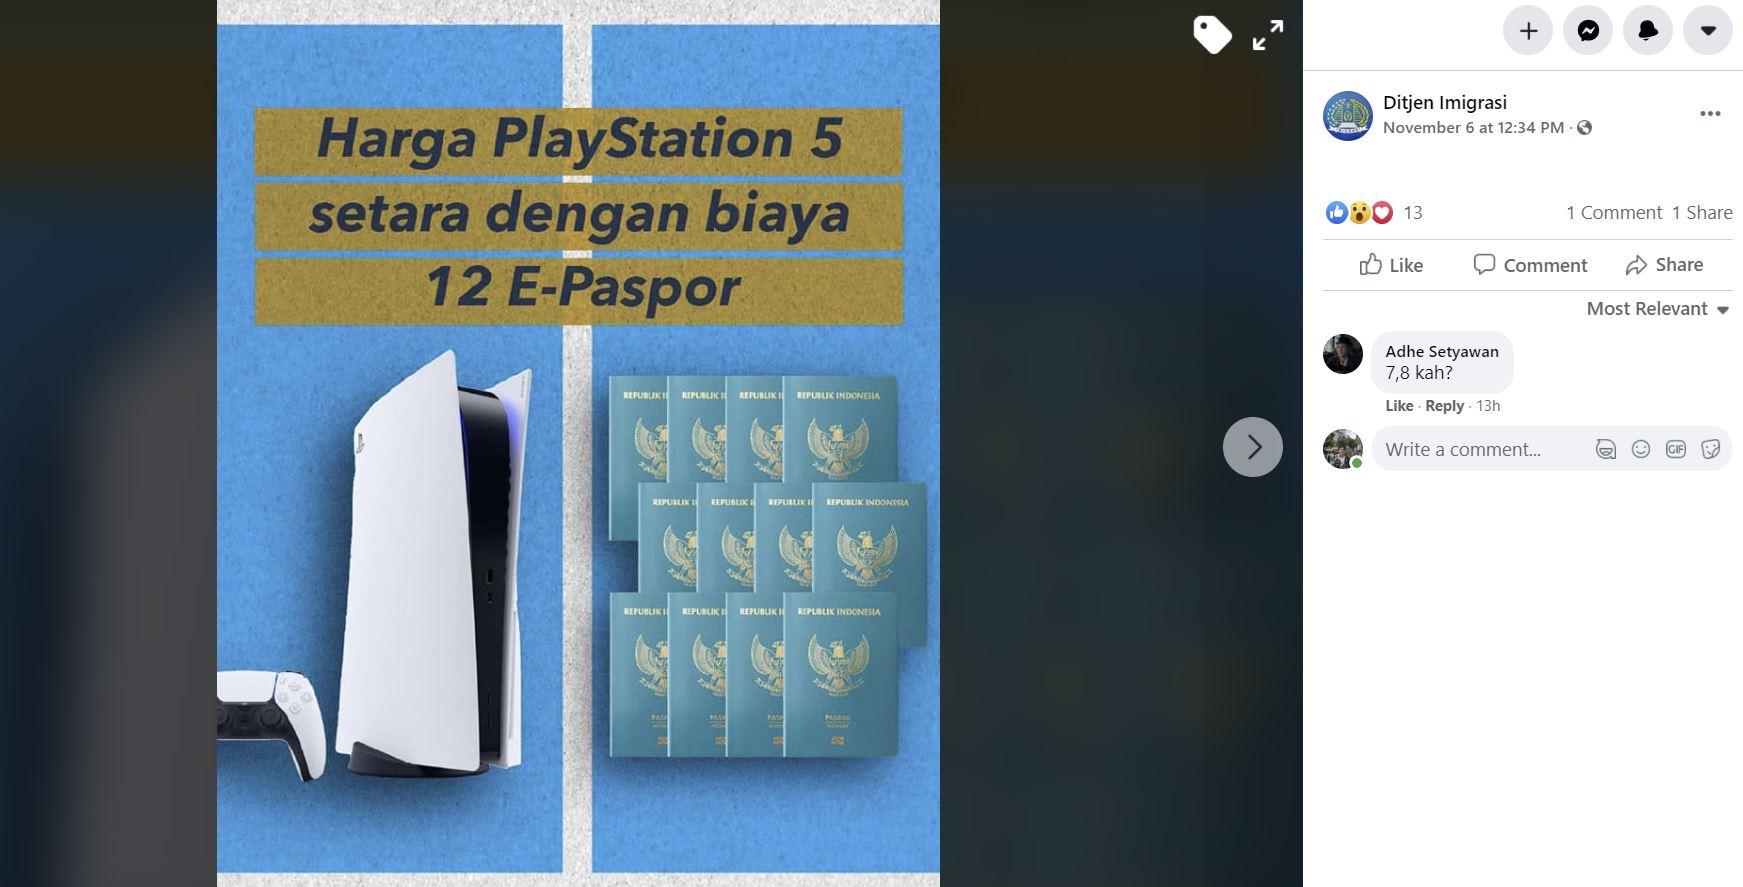 Harga PS5 di Indonesia Setara Biaya Pembuatan 12 E-Paspor